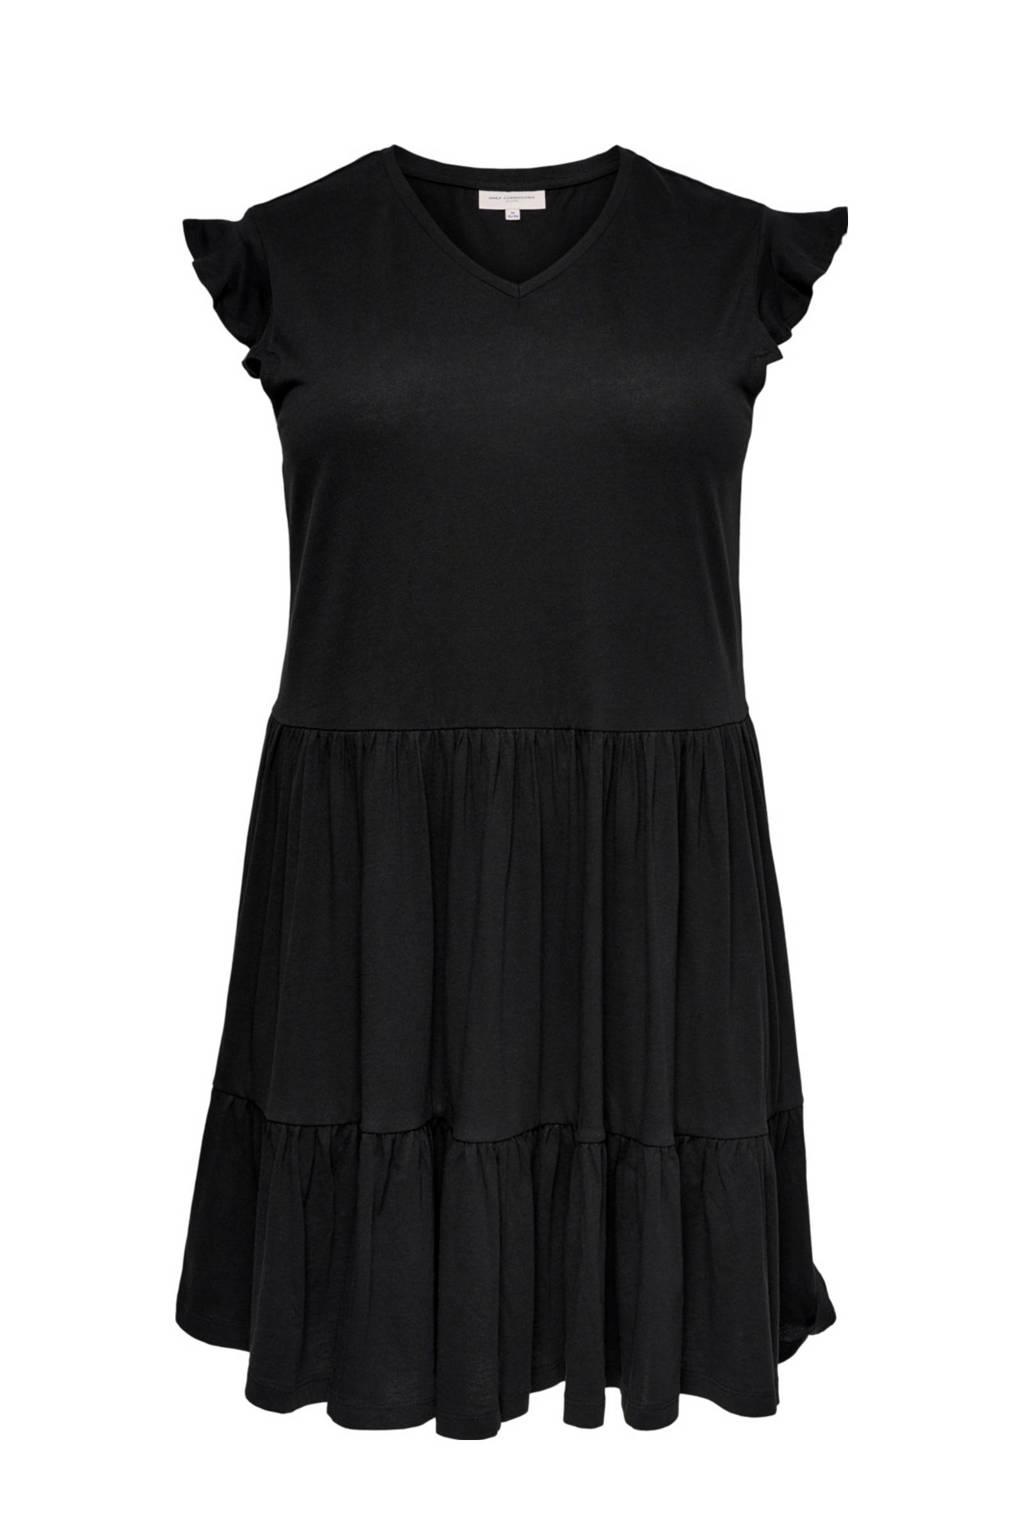 ONLY CARMAKOMA A-lijn jurk CARAPRIL van biologisch katoen zwart, Zwart